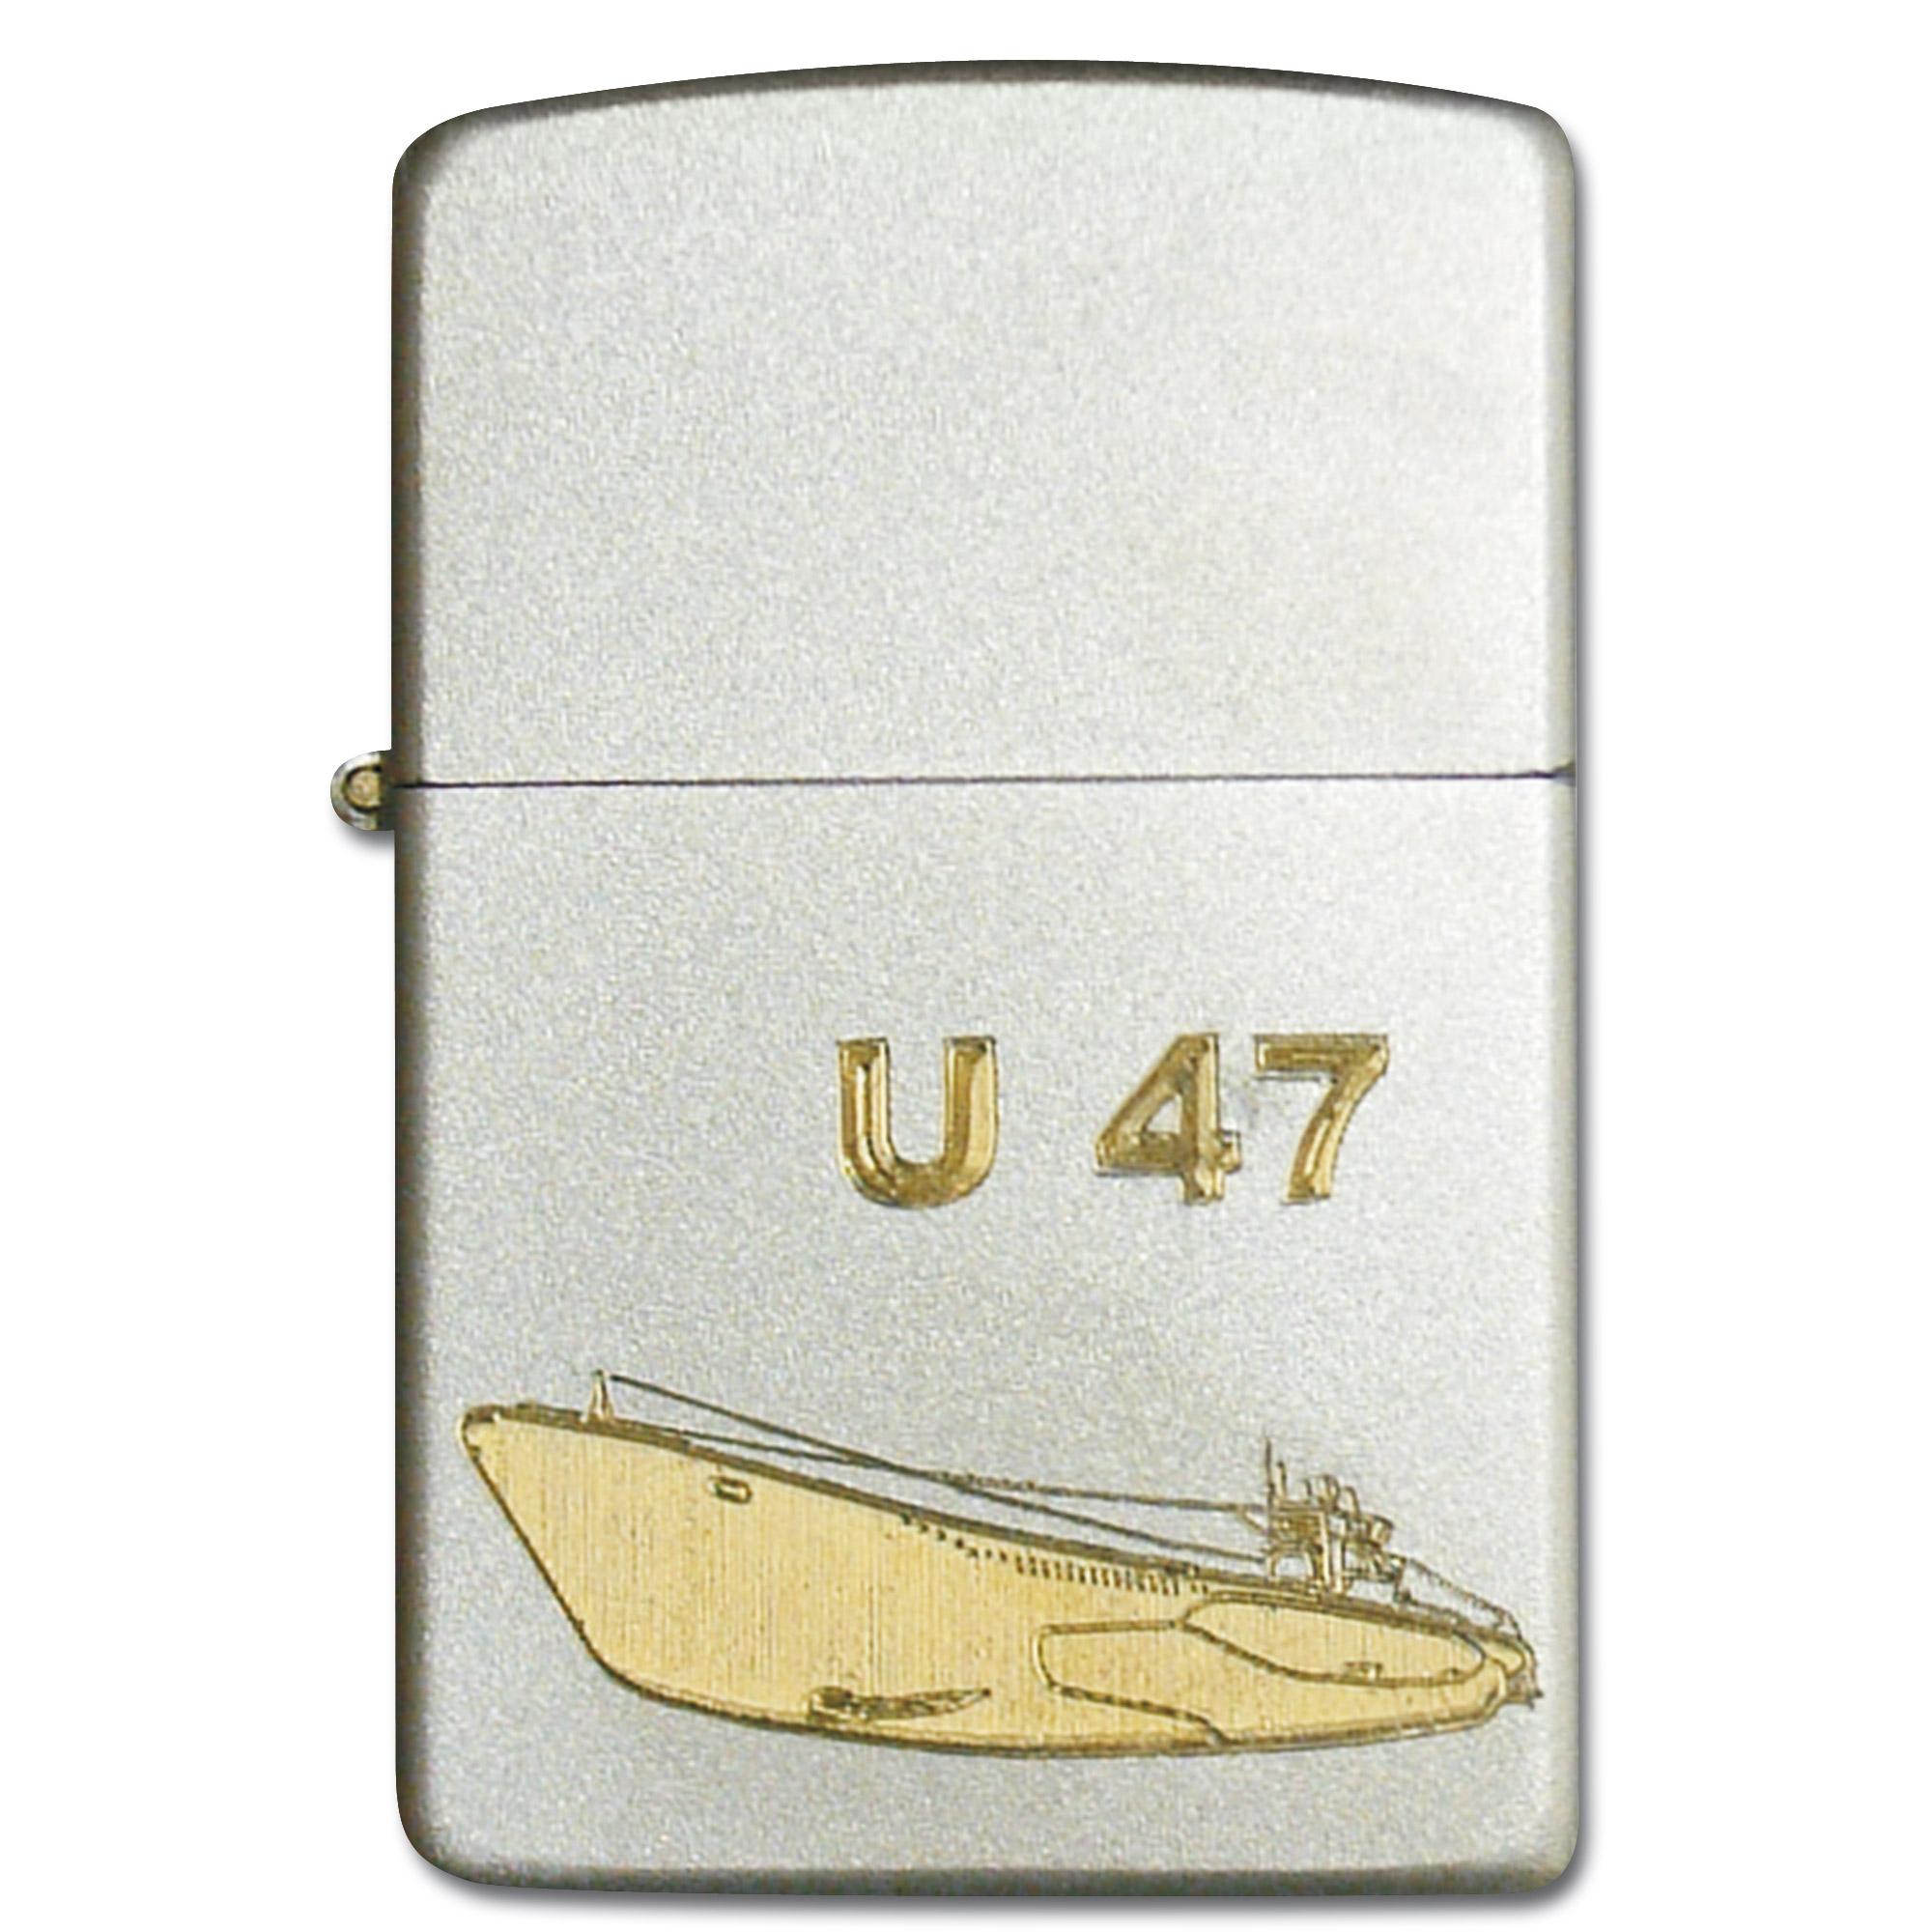 Zippo U 47